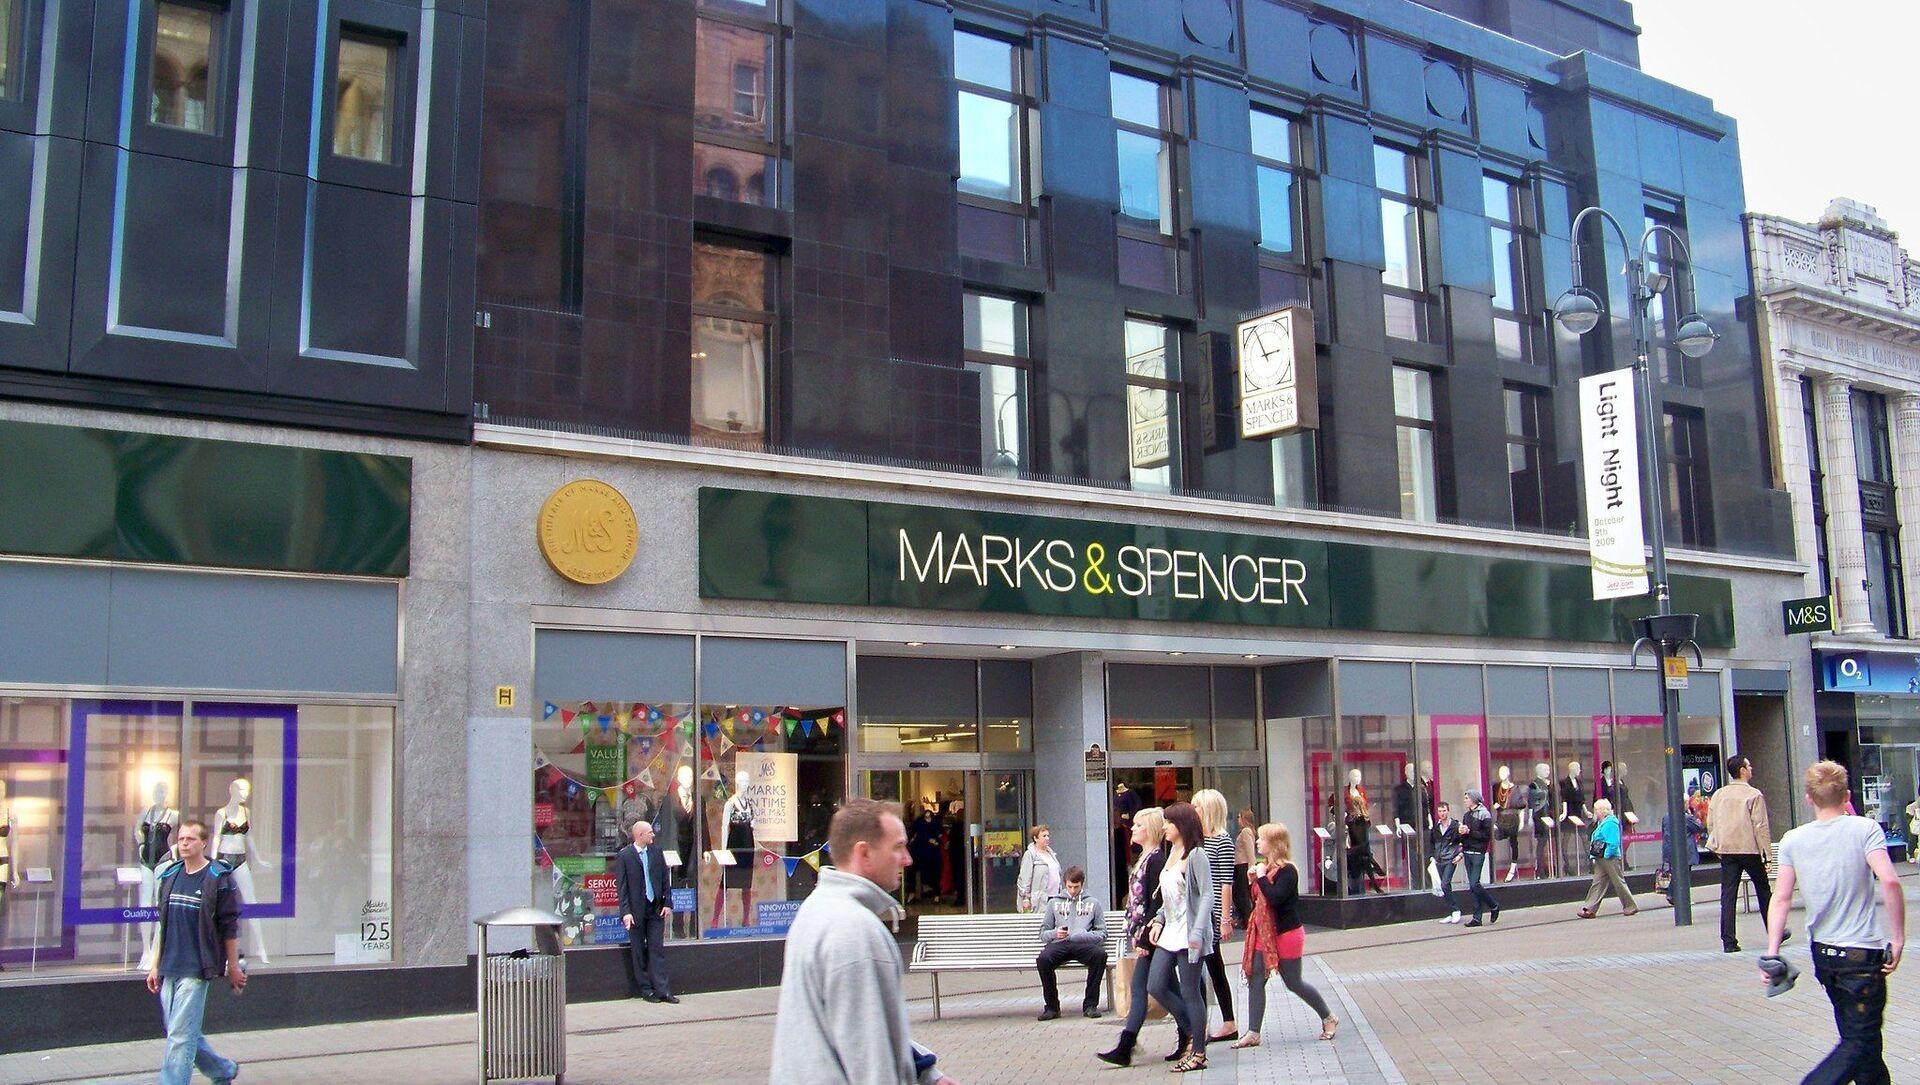 Un magasin Marks & Spencer à Leeds, Royaume-Uni - Sputnik France, 1920, 16.09.2021